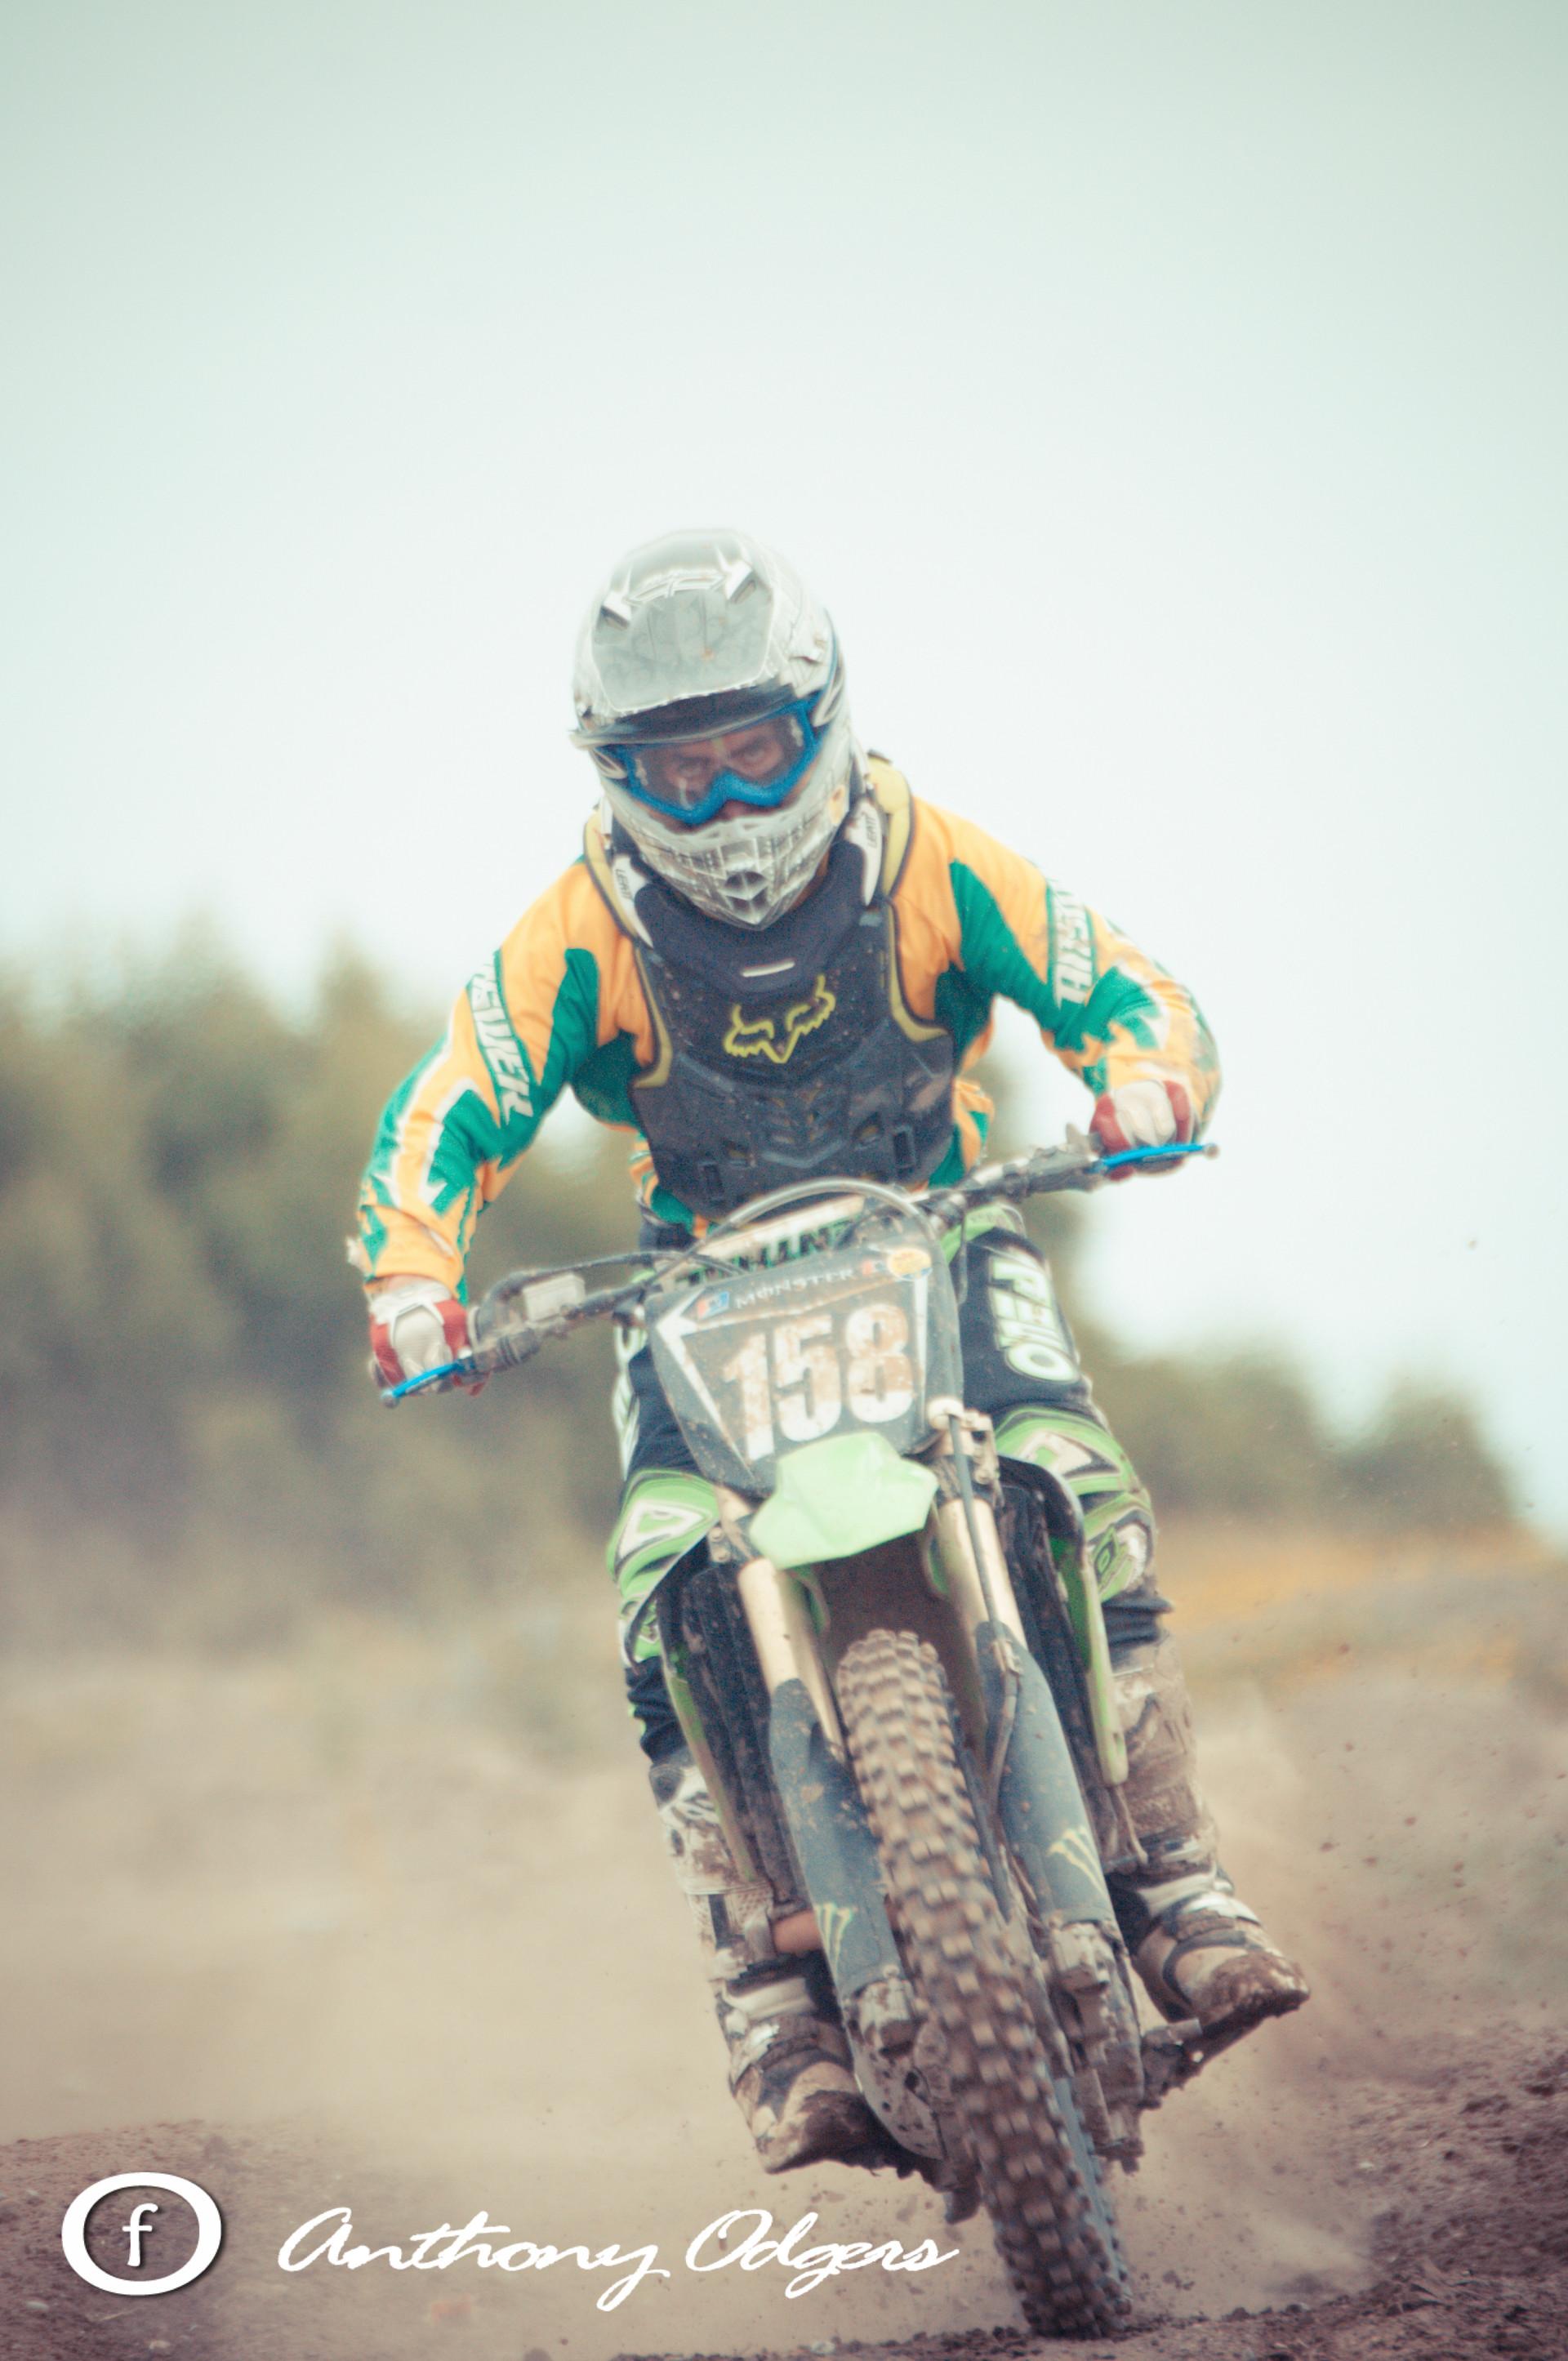 2013-01-06-Motocross Enduro-29.jpg